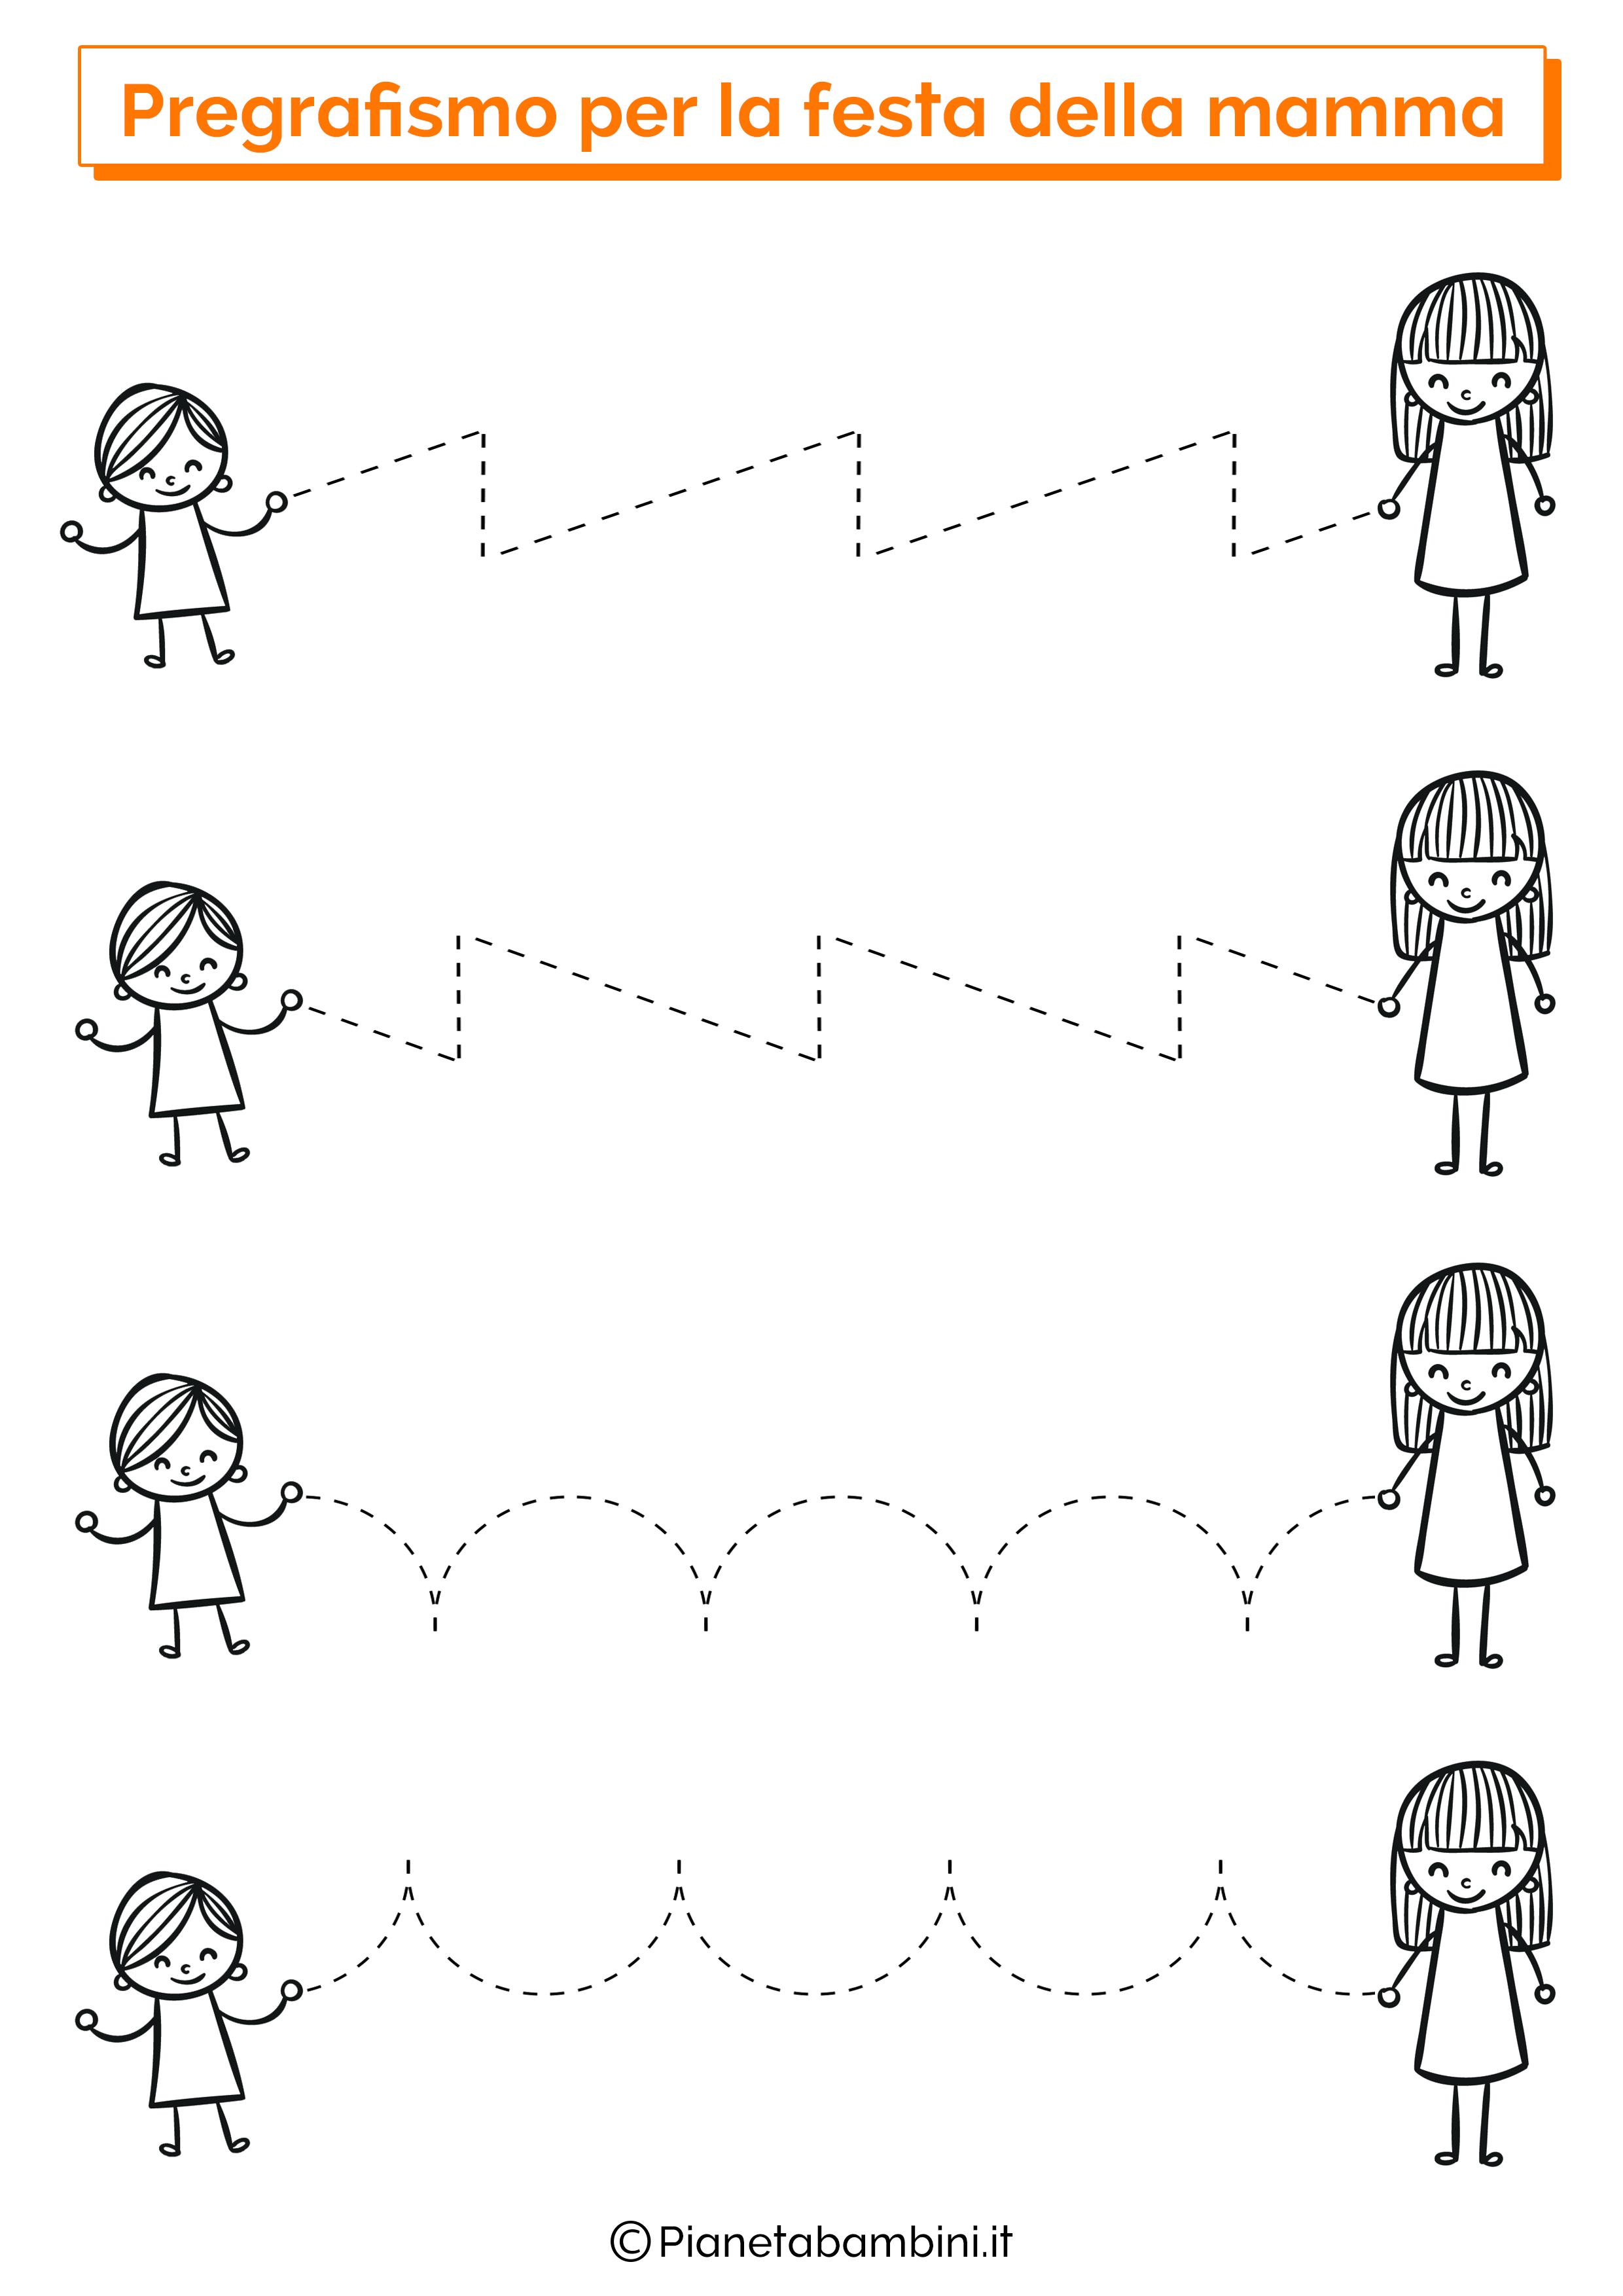 Scheda di pregrafismo festa della mamma linee orizzontali 2